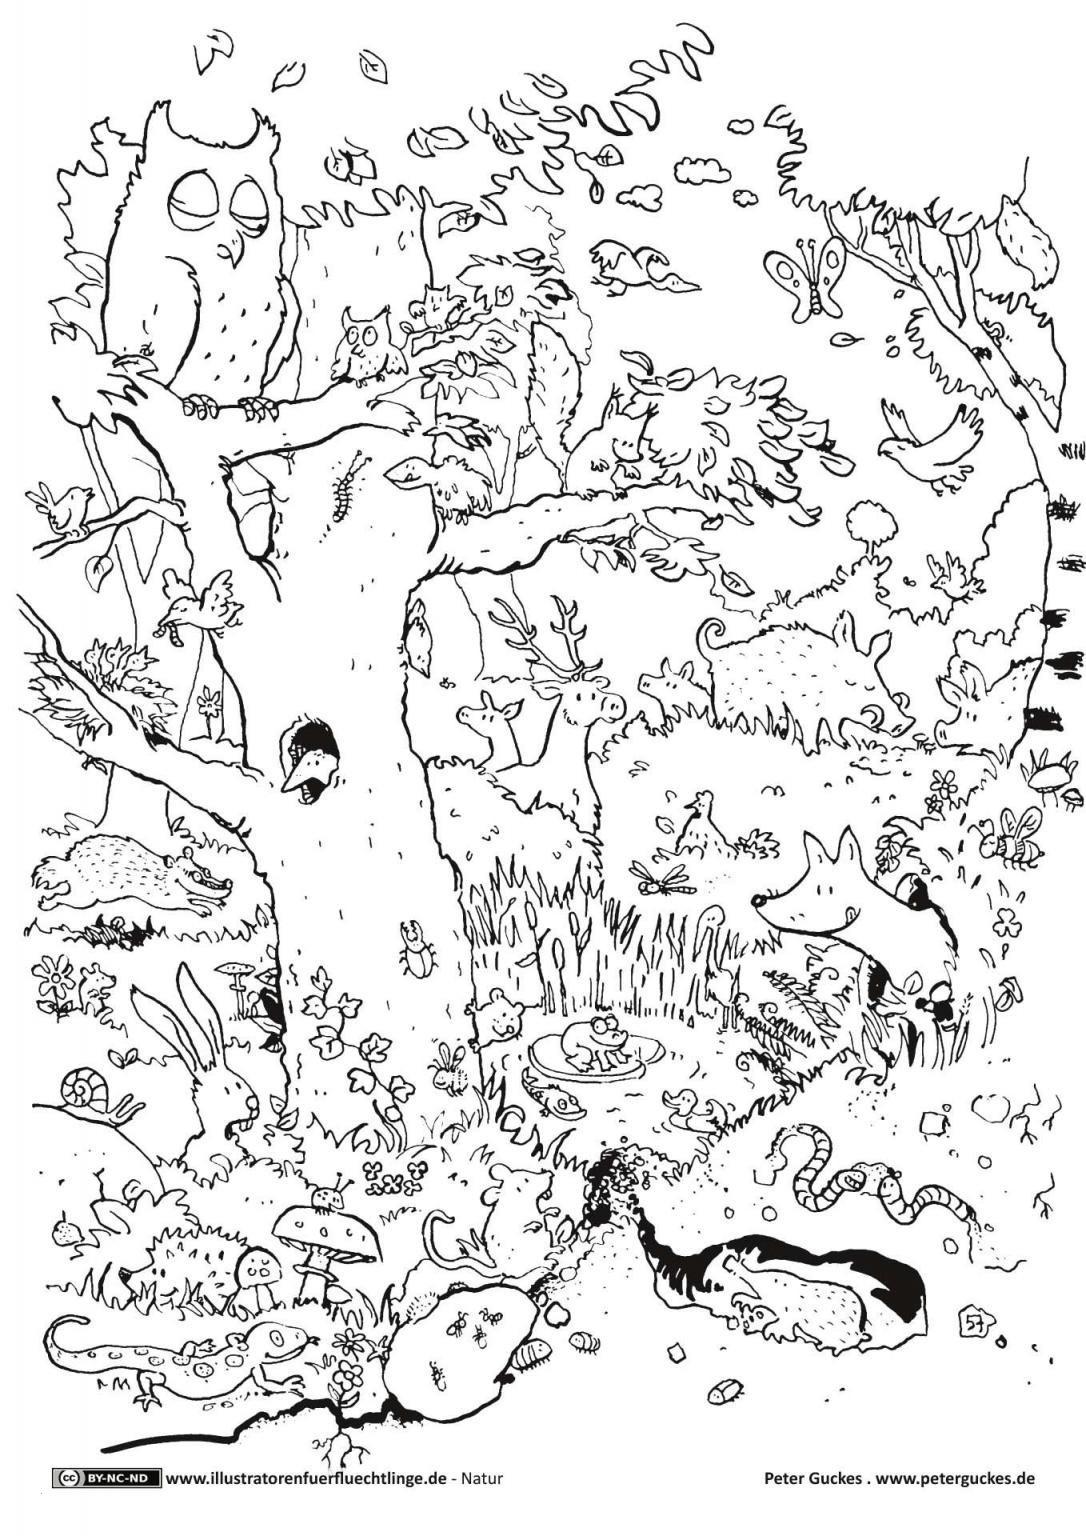 Ausmalbilder Erwachsene Fantasy Neu Malvorlagen Igel Best Igel Grundschule 0d Archives Uploadertalk Das Bild